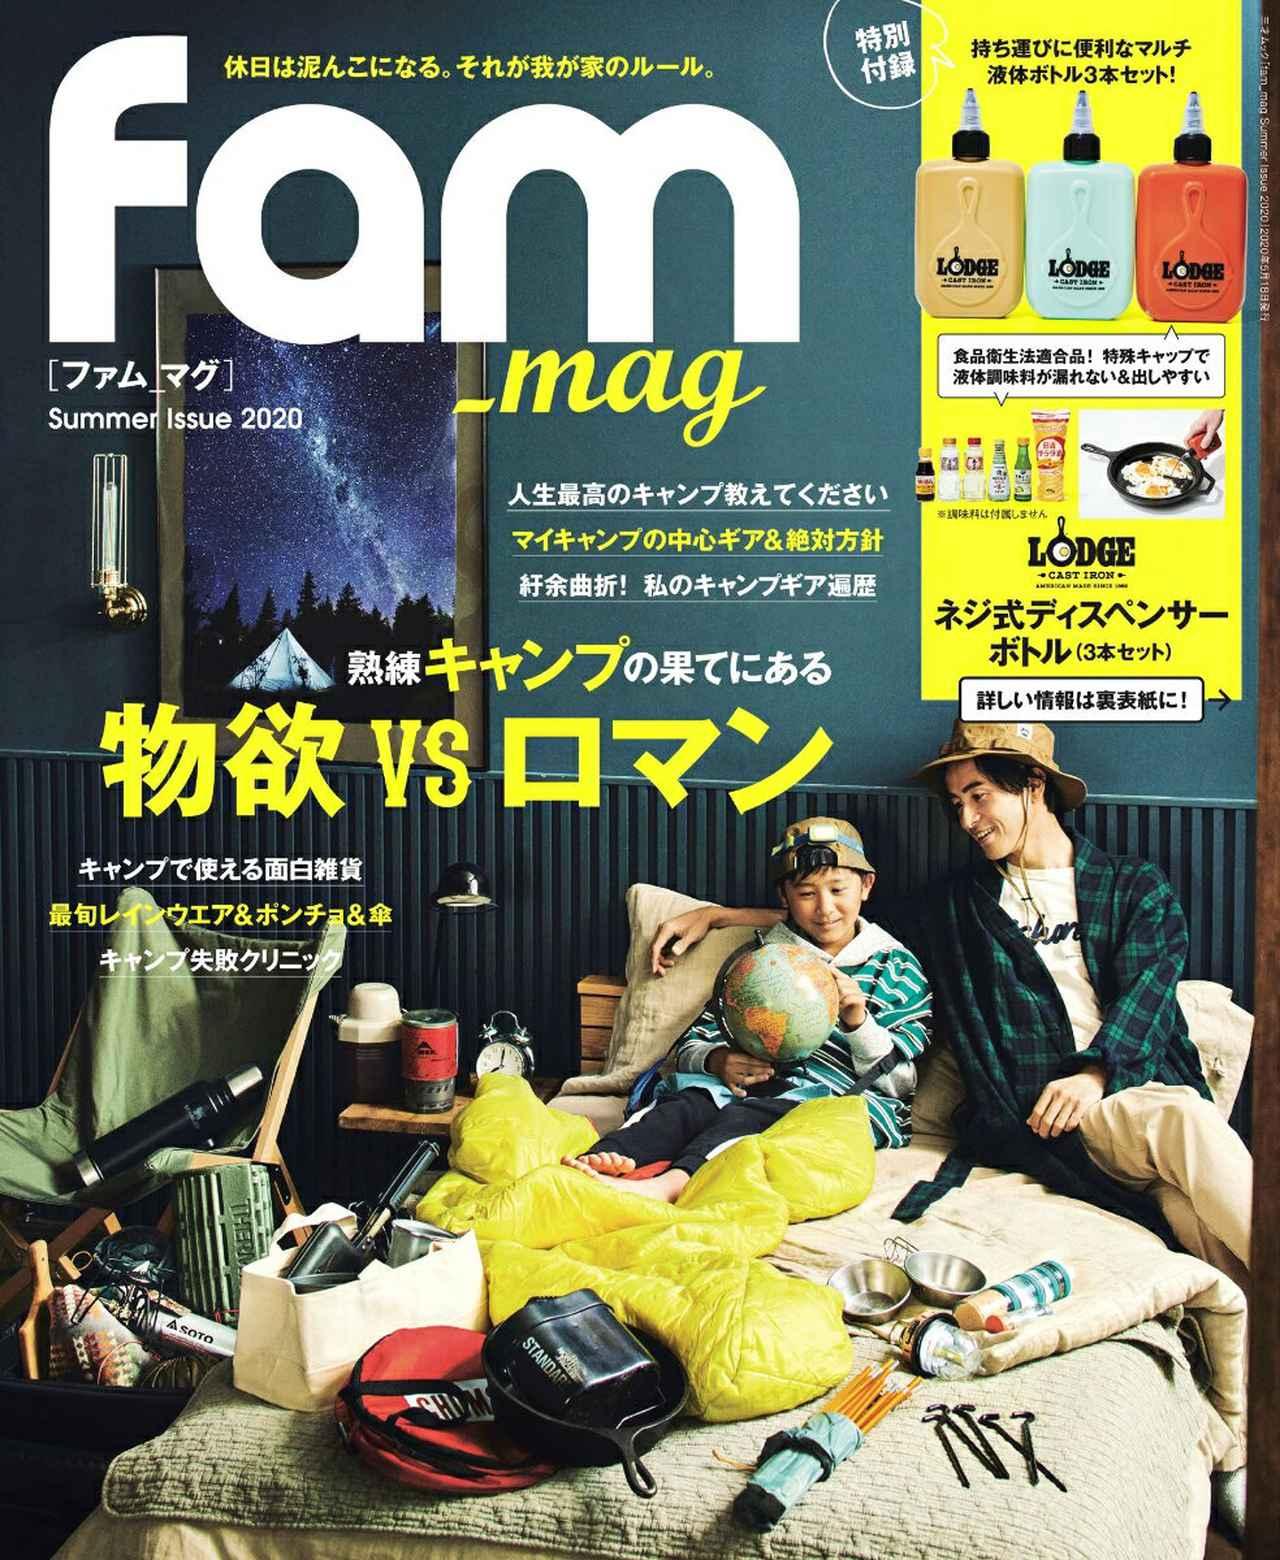 画像1: 【最速レビュー 動画あり】大人気キャンプ誌『fam_mag』2020年夏号付録「LODGE×ネジ式ディスペンサーボトル」をご紹介!